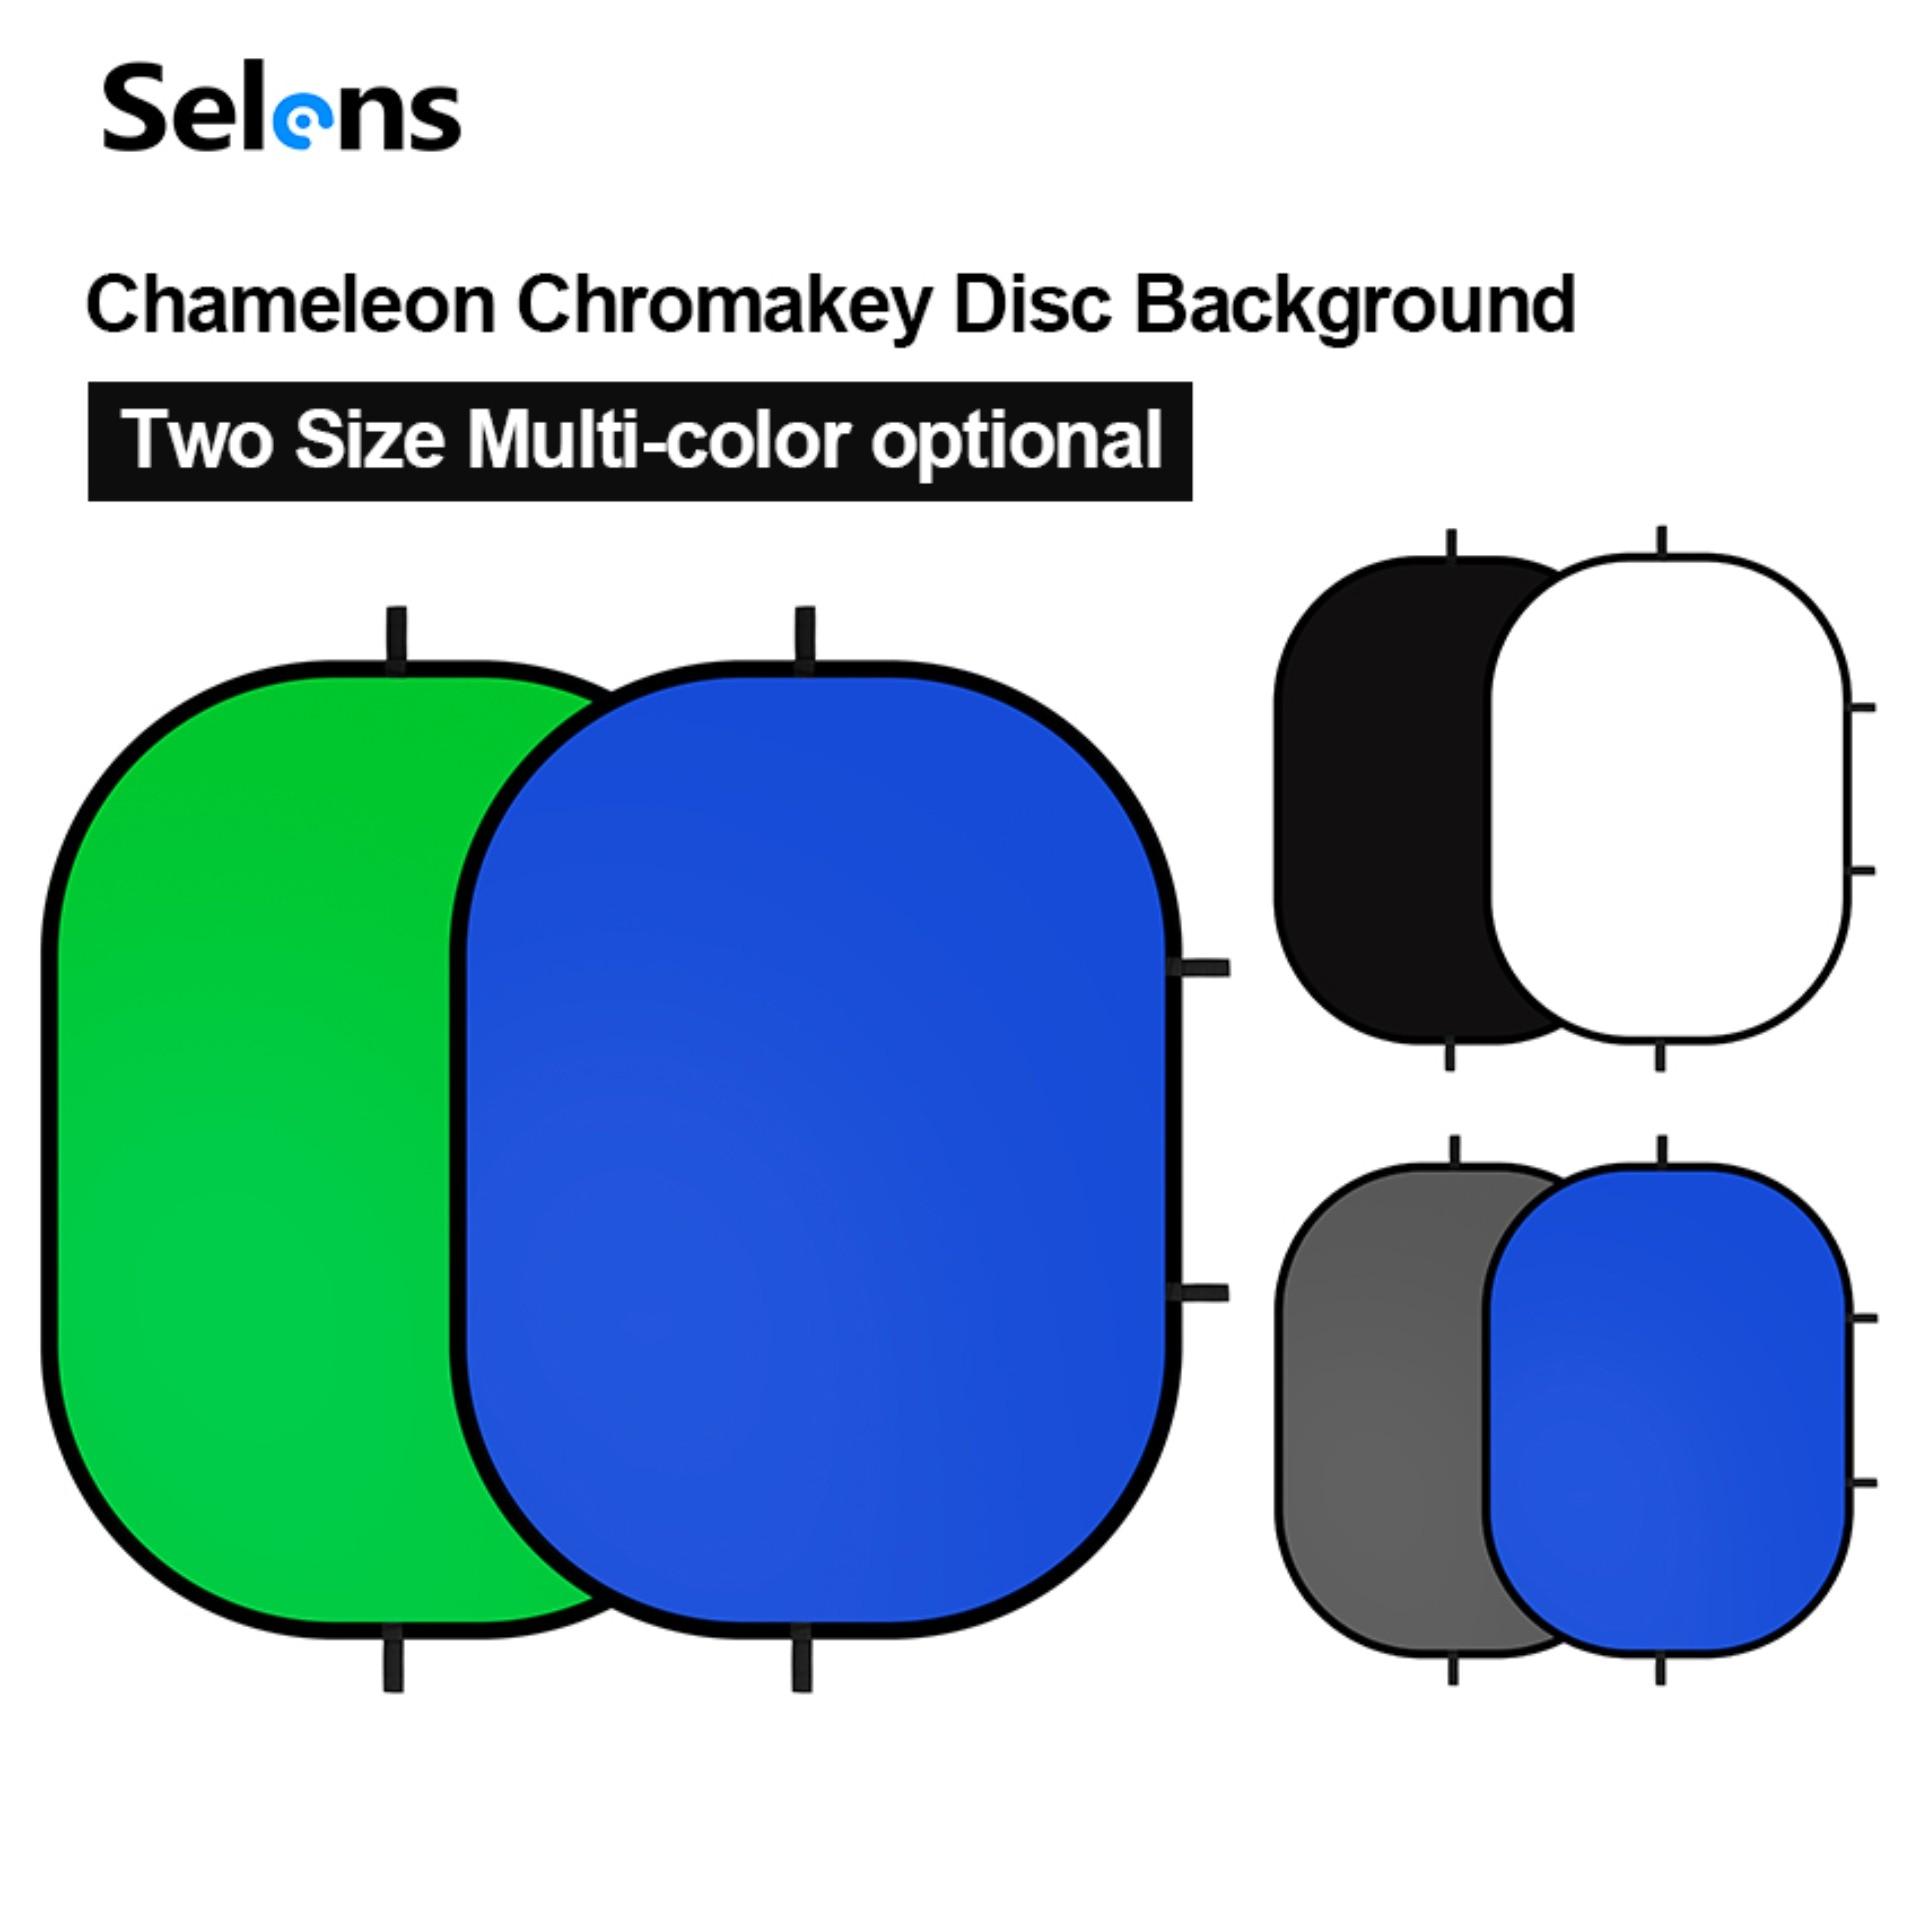 التصوير خلفية لوحة المحمولة كروماكي الأخضر شاشة زرقاء مع حقيبة حمل Chromakey خلفية لالفيسبوك لايف يوتيوب